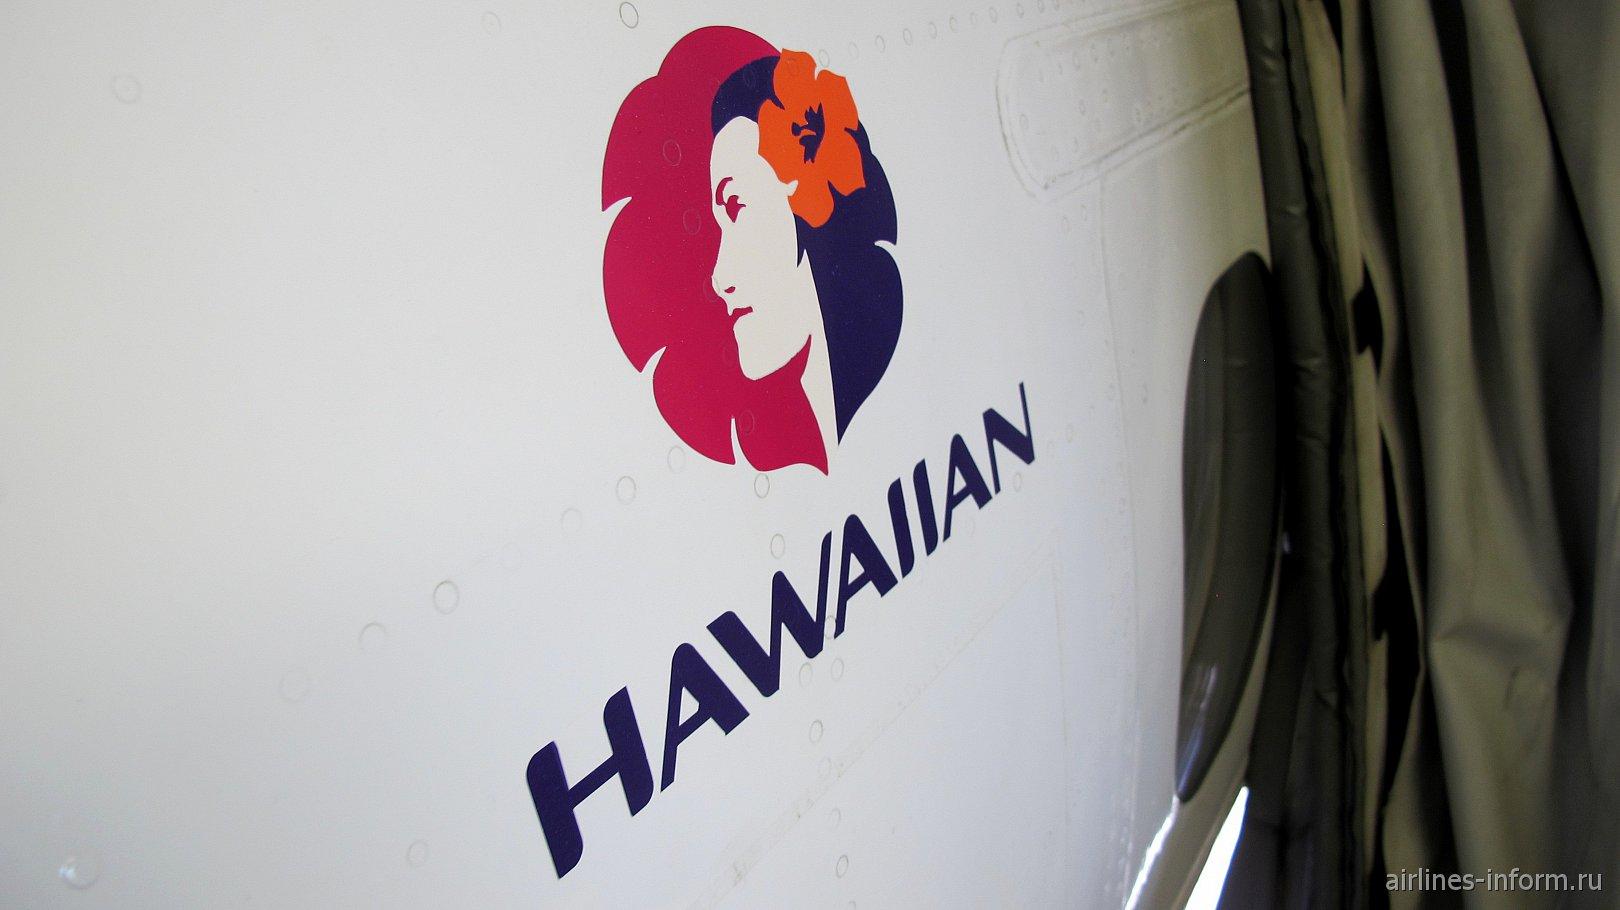 Логотип Гавайских авиалиний на борту самолета Боинг-717